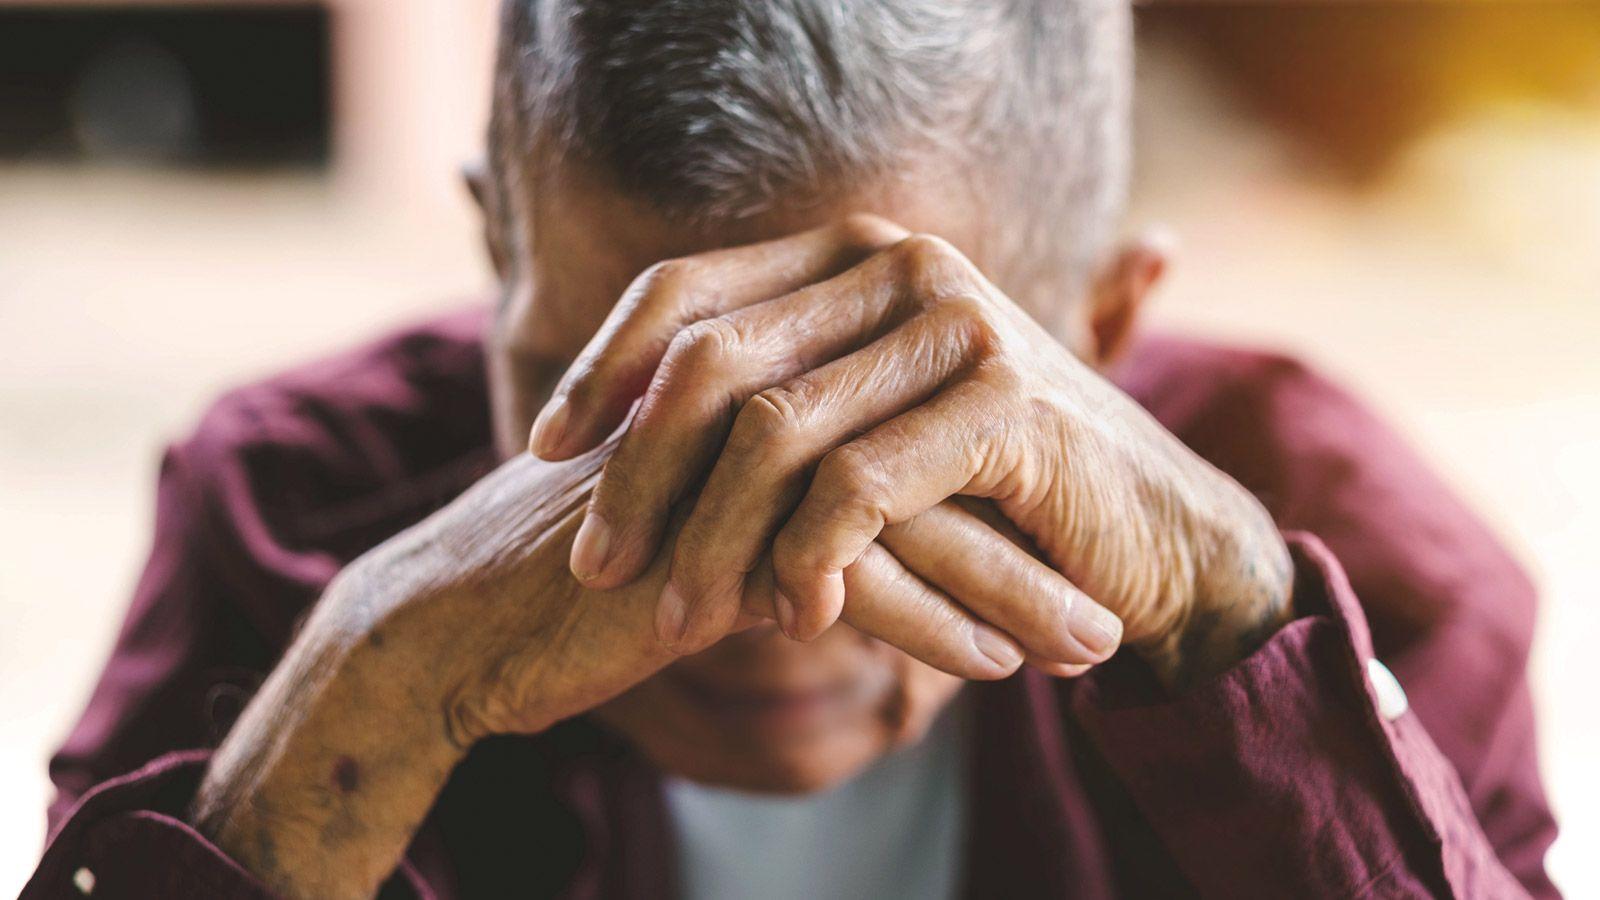 Violencia contra adultos mayores, una realidad nada oculta